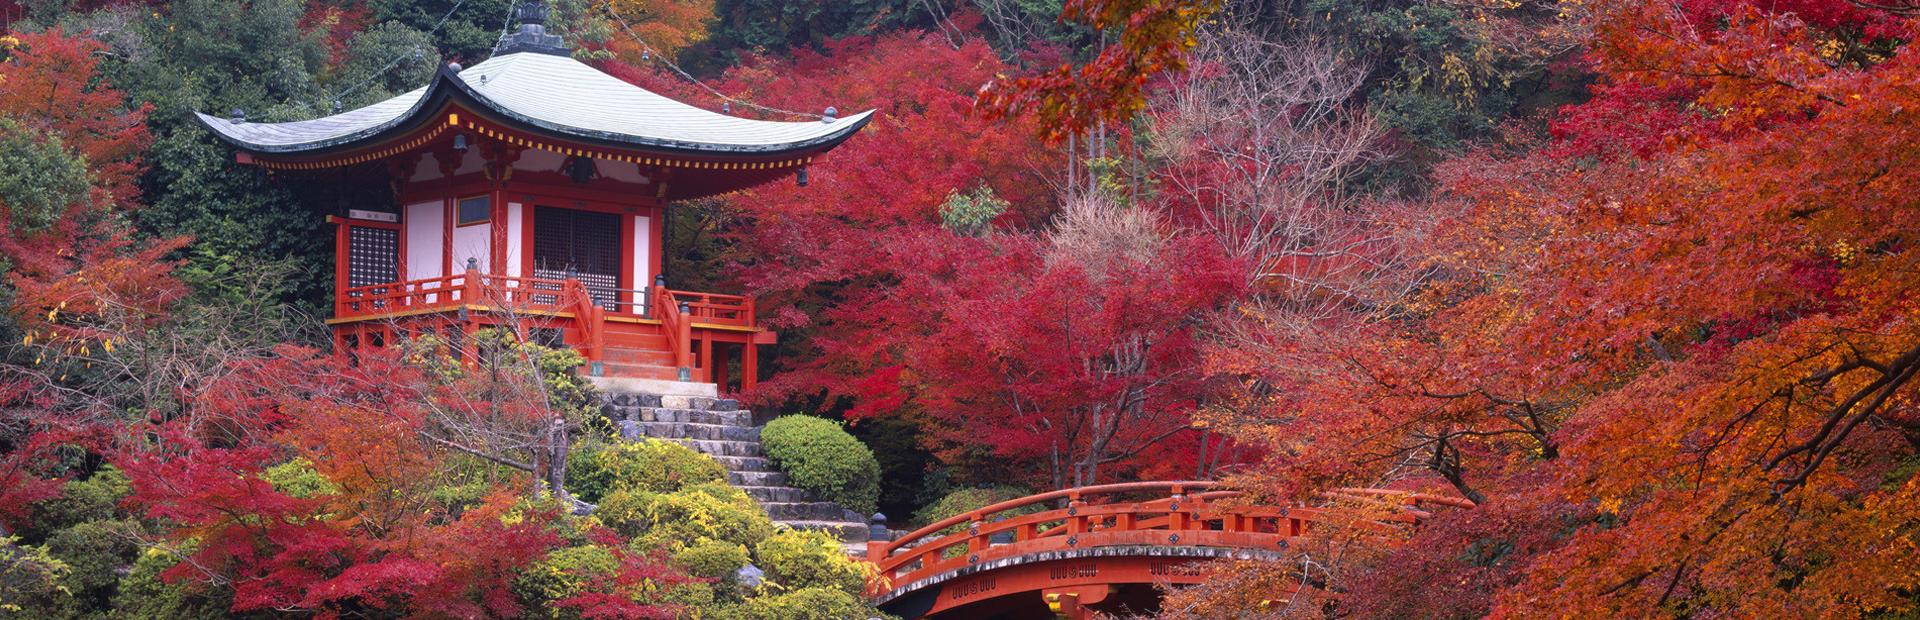 Japan_Tour_1920x620